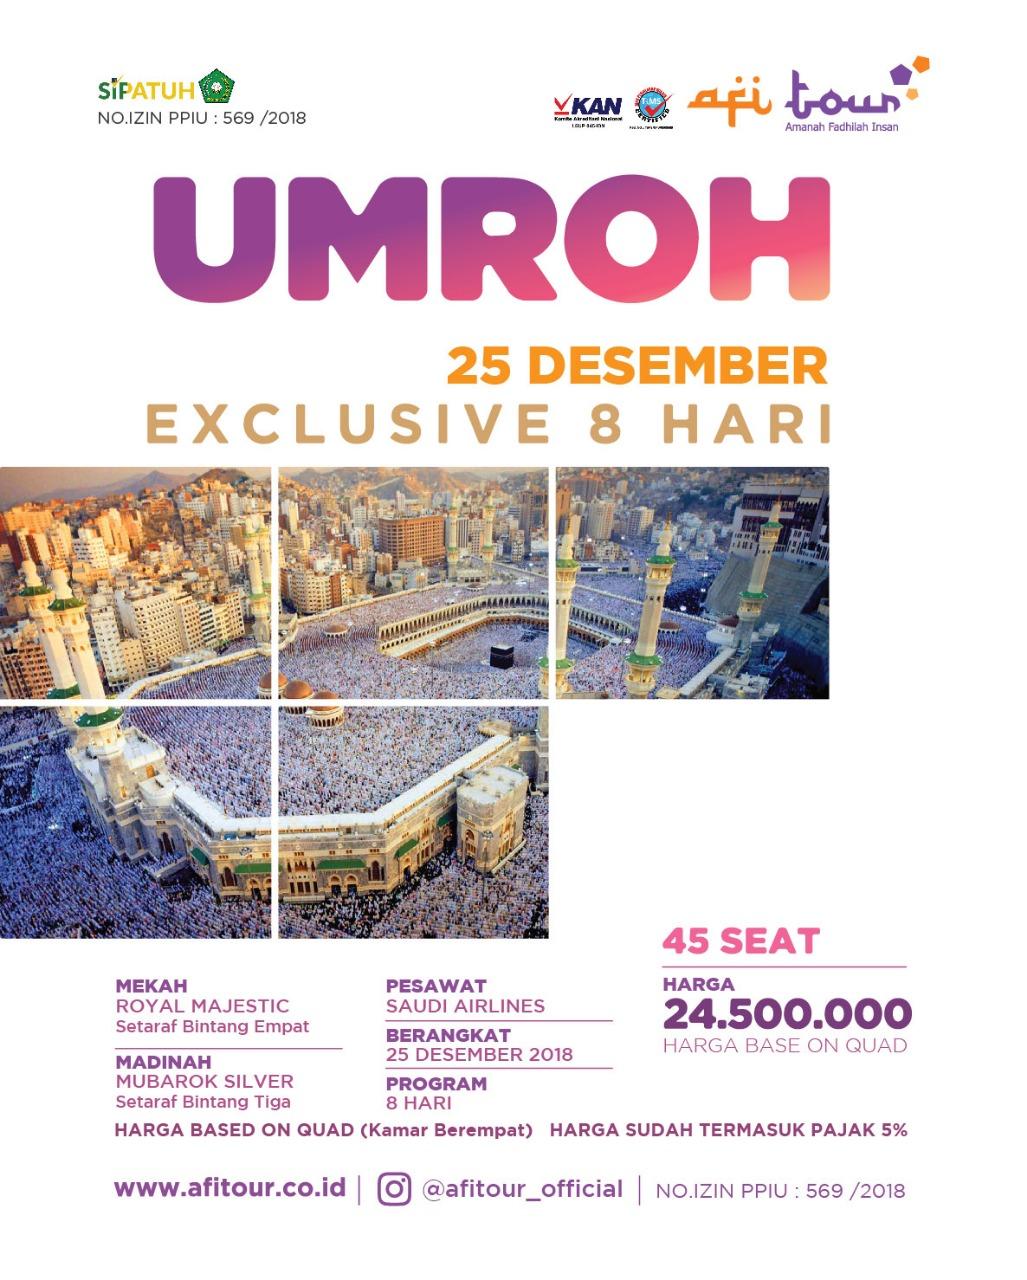 UMRAH EXSKLUSIF 25 DESEMBER 2018